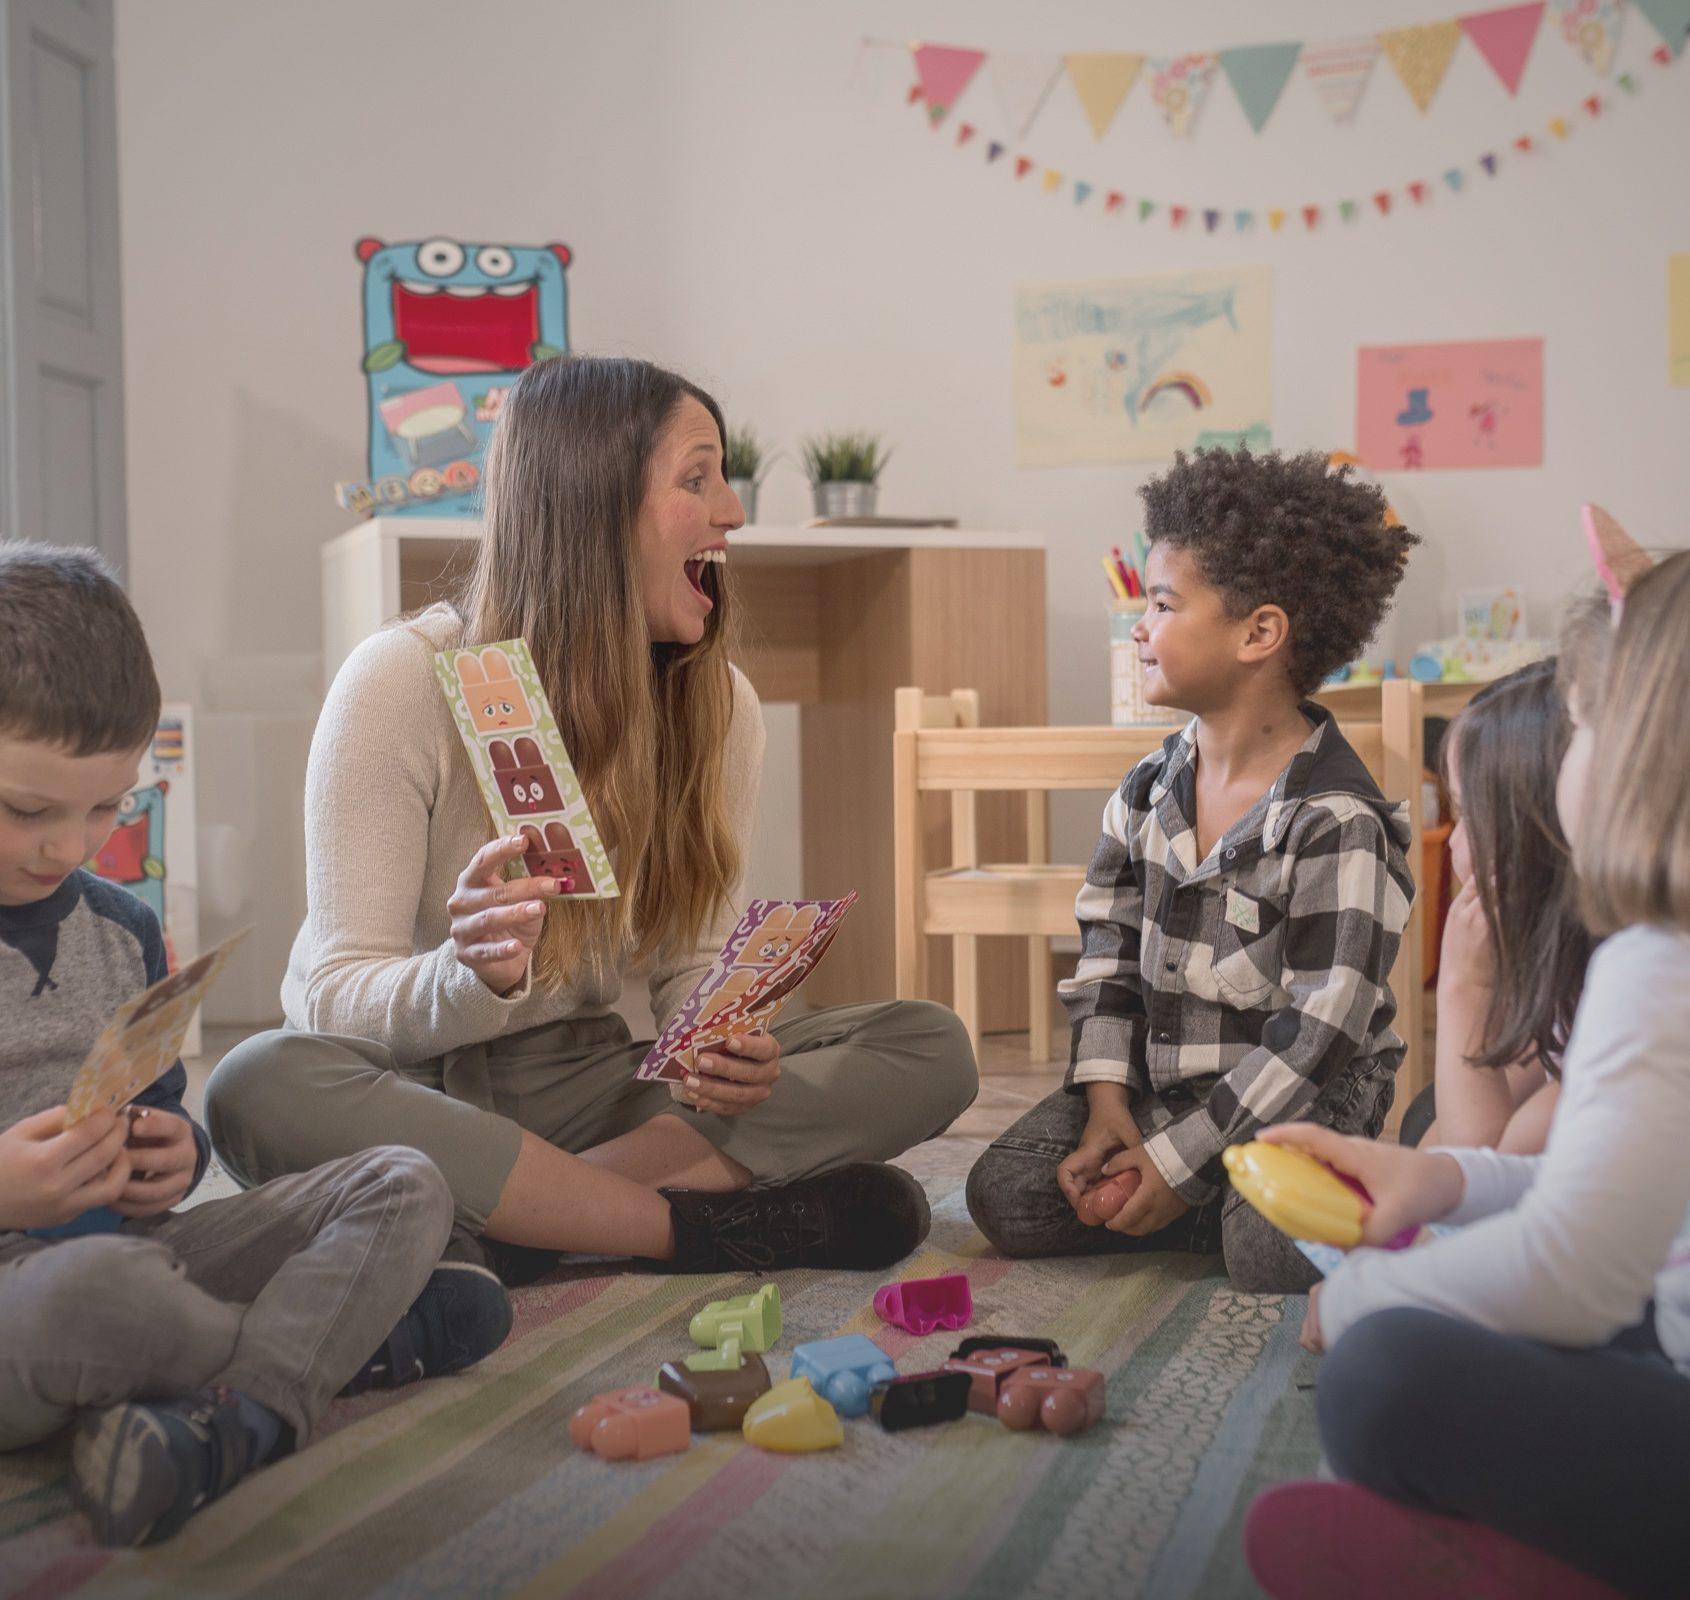 Profesora y niños jugando